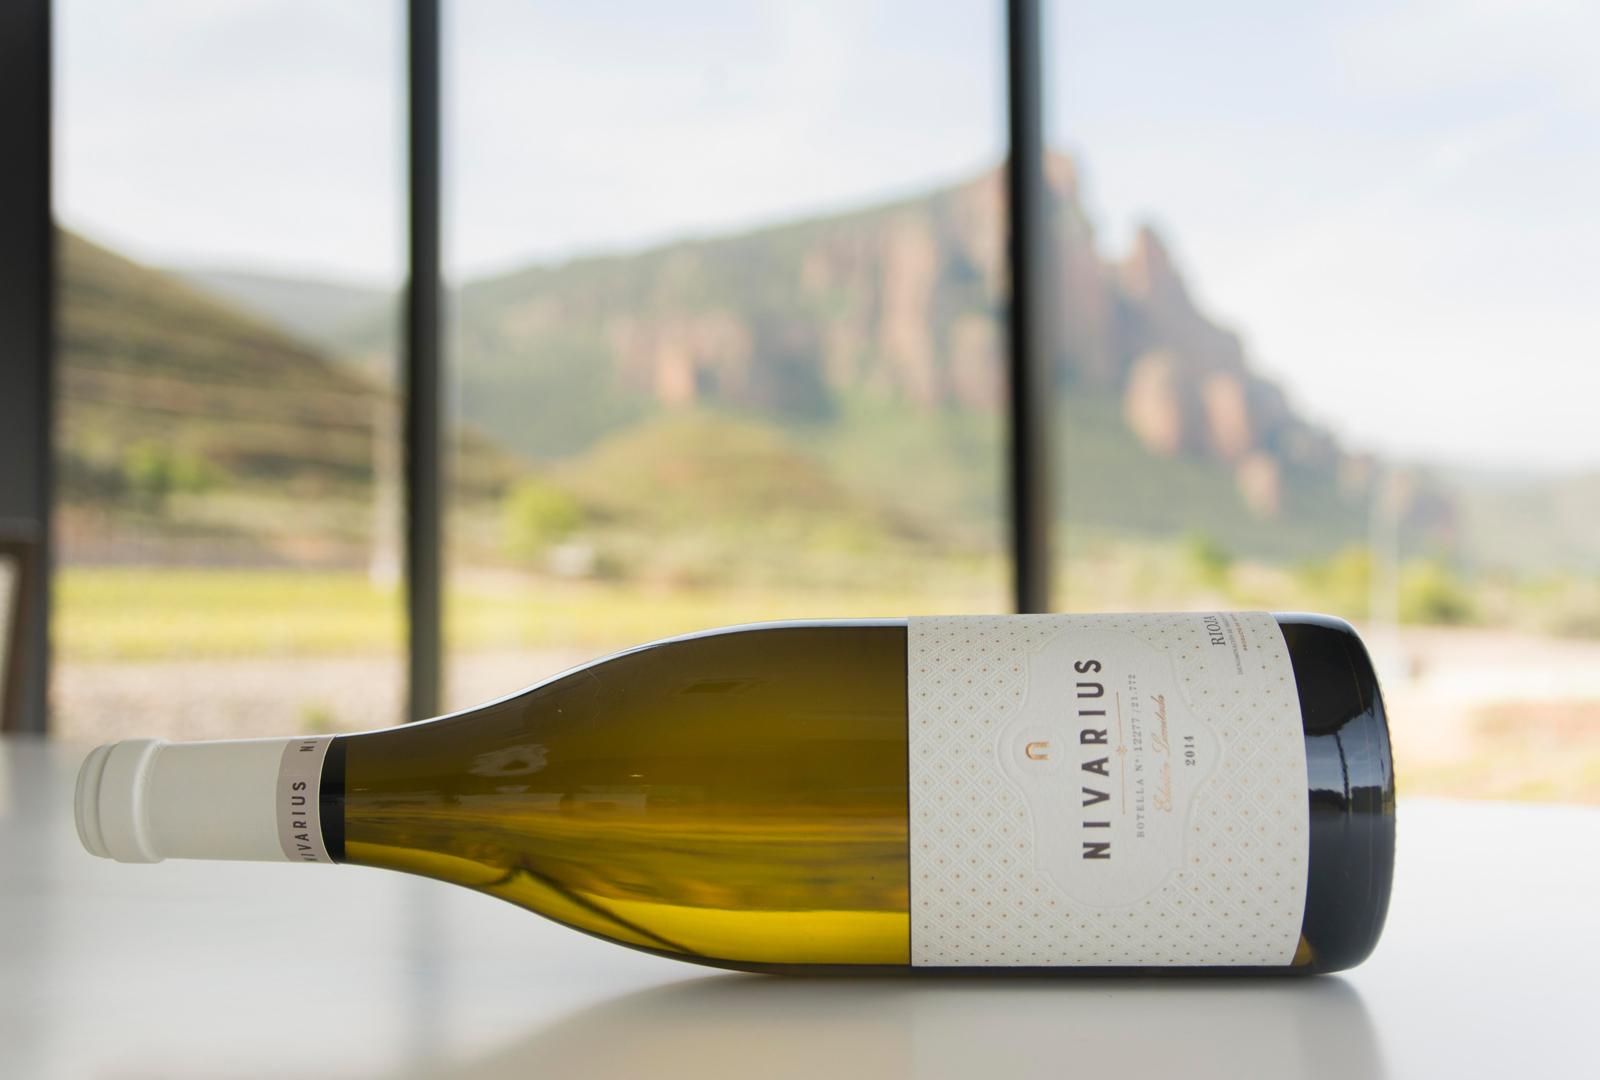 Nivarius 2014 Edición Limitada el blanco de Rioja